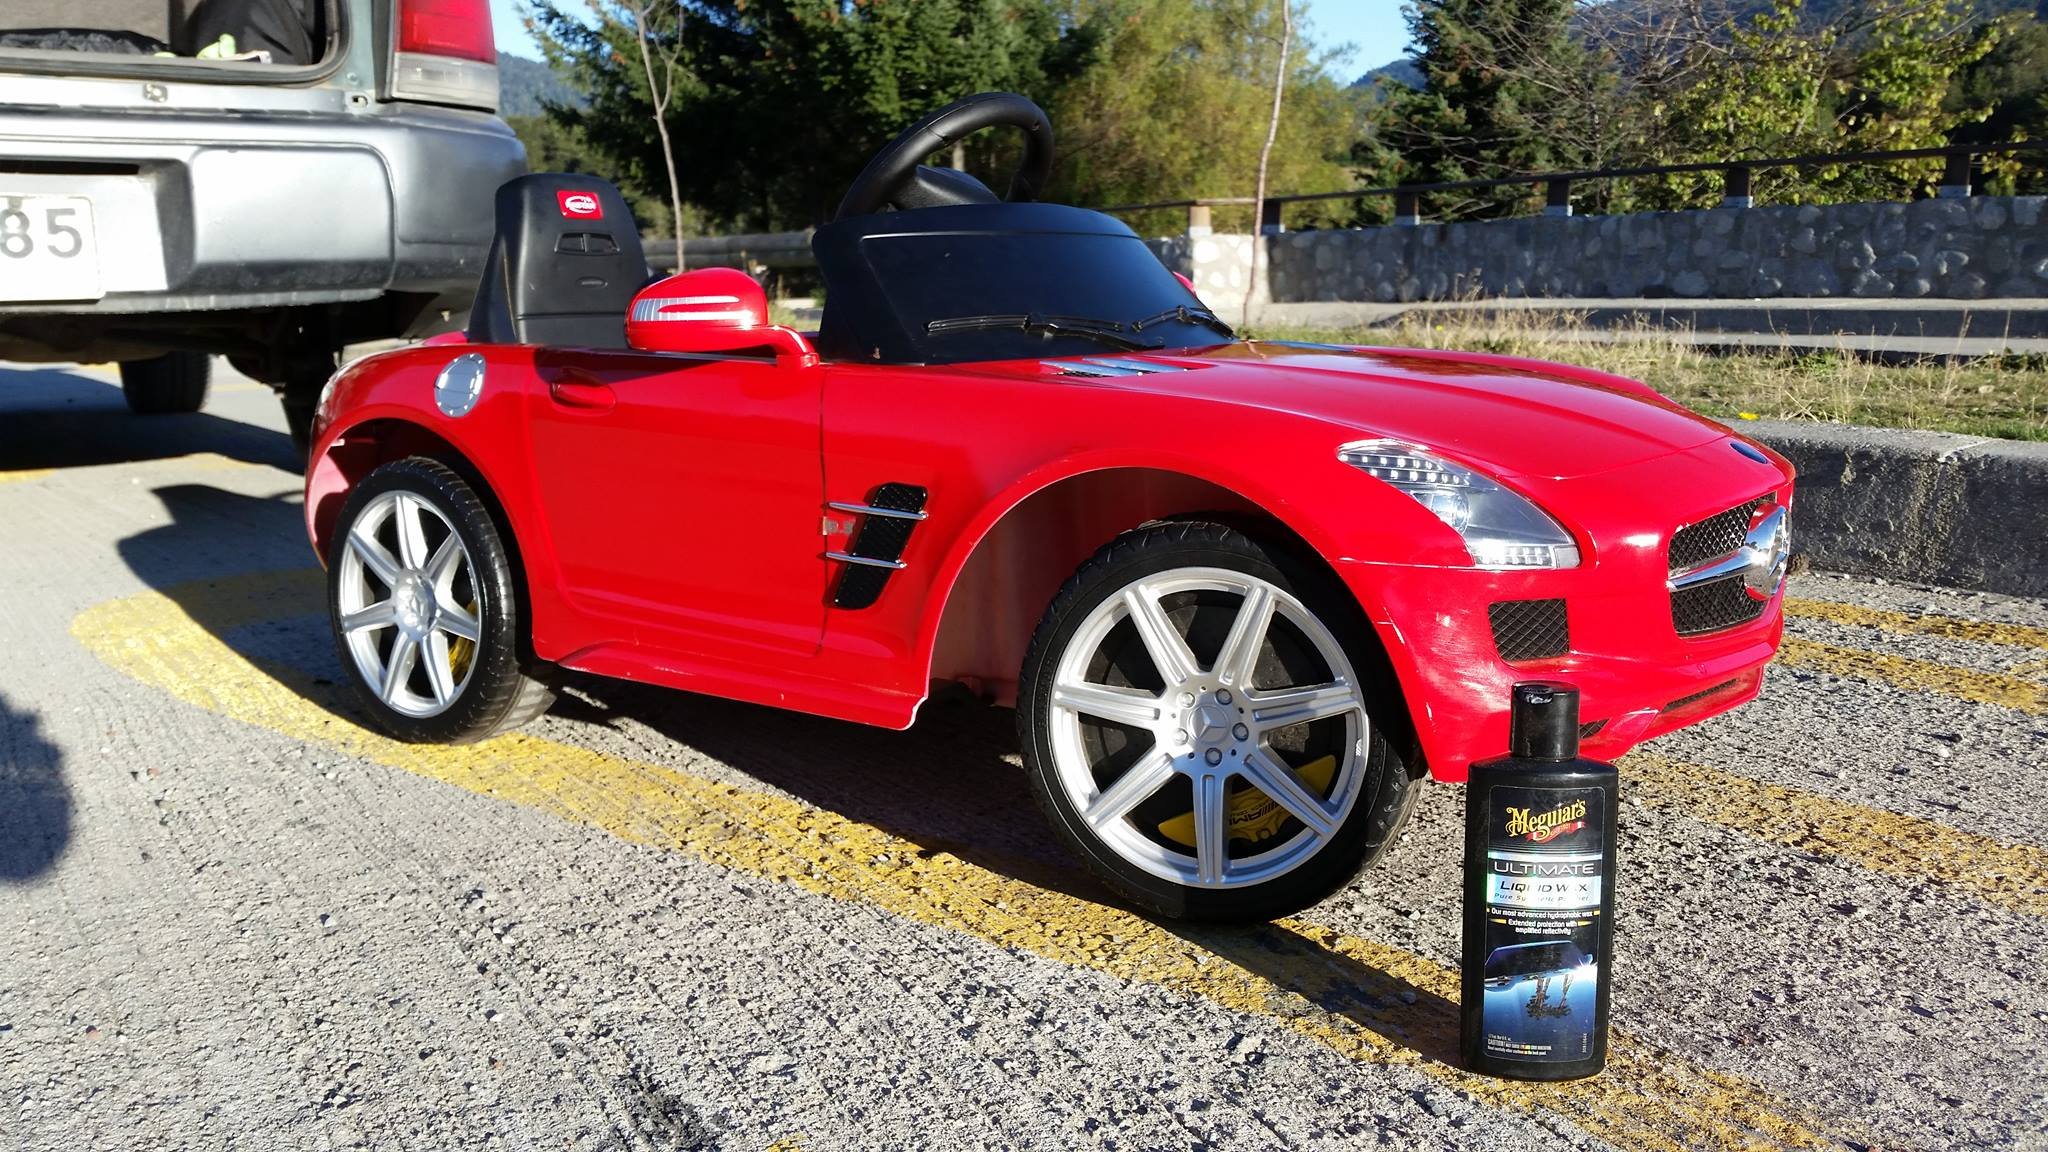 ¡Soy un fanático de la limpieza en mi auto y me gusta usar Meguiars para todo, incluso hasta el Mercedes SLS de mi hija!